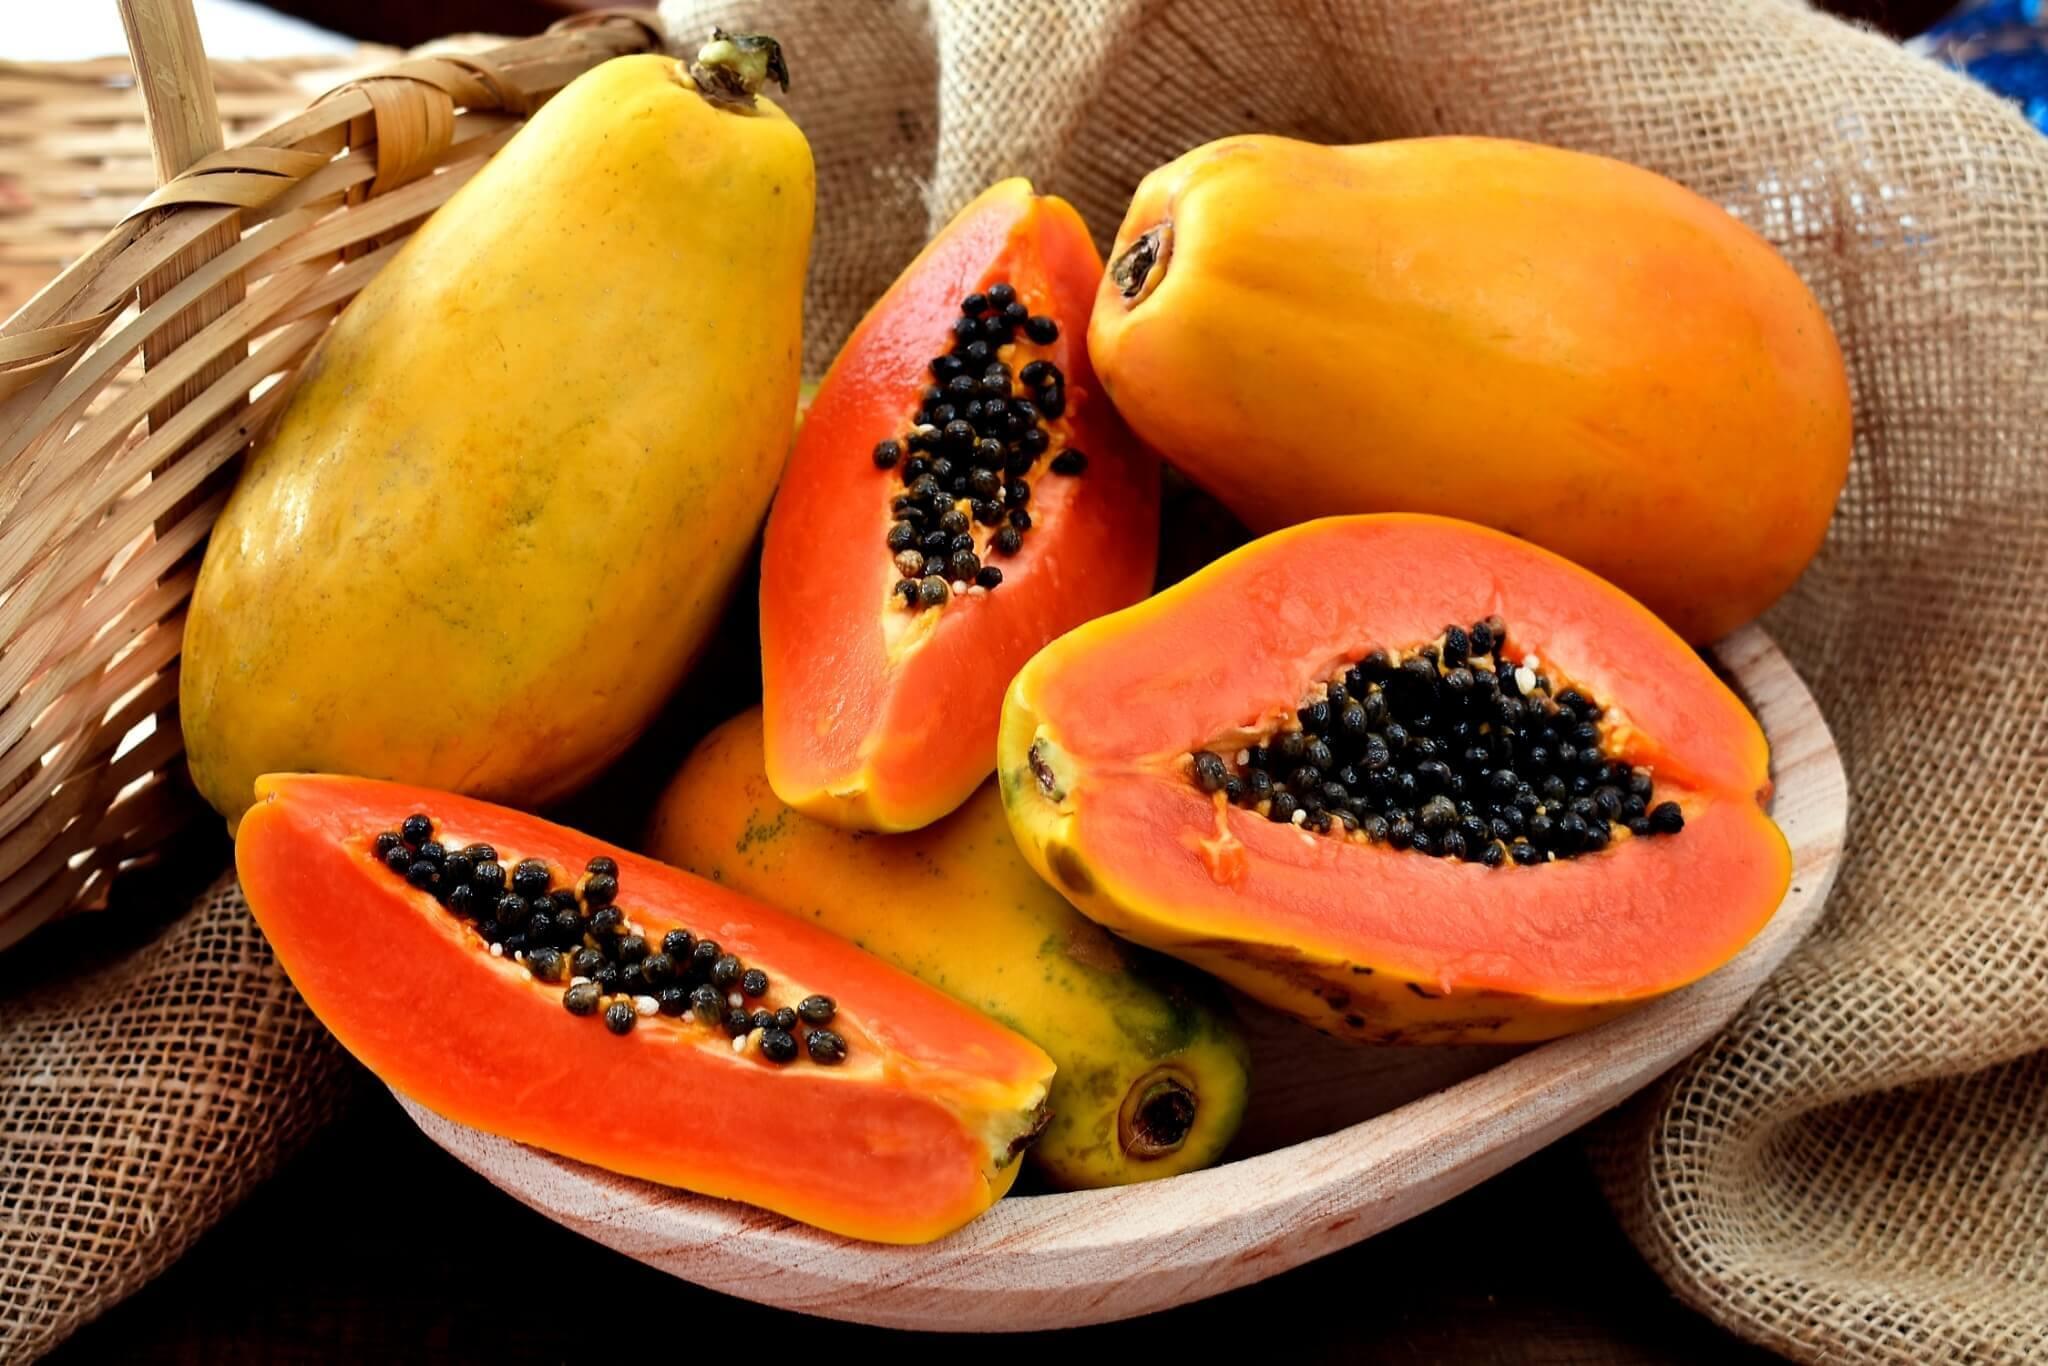 ผลไม้ มะละกอ